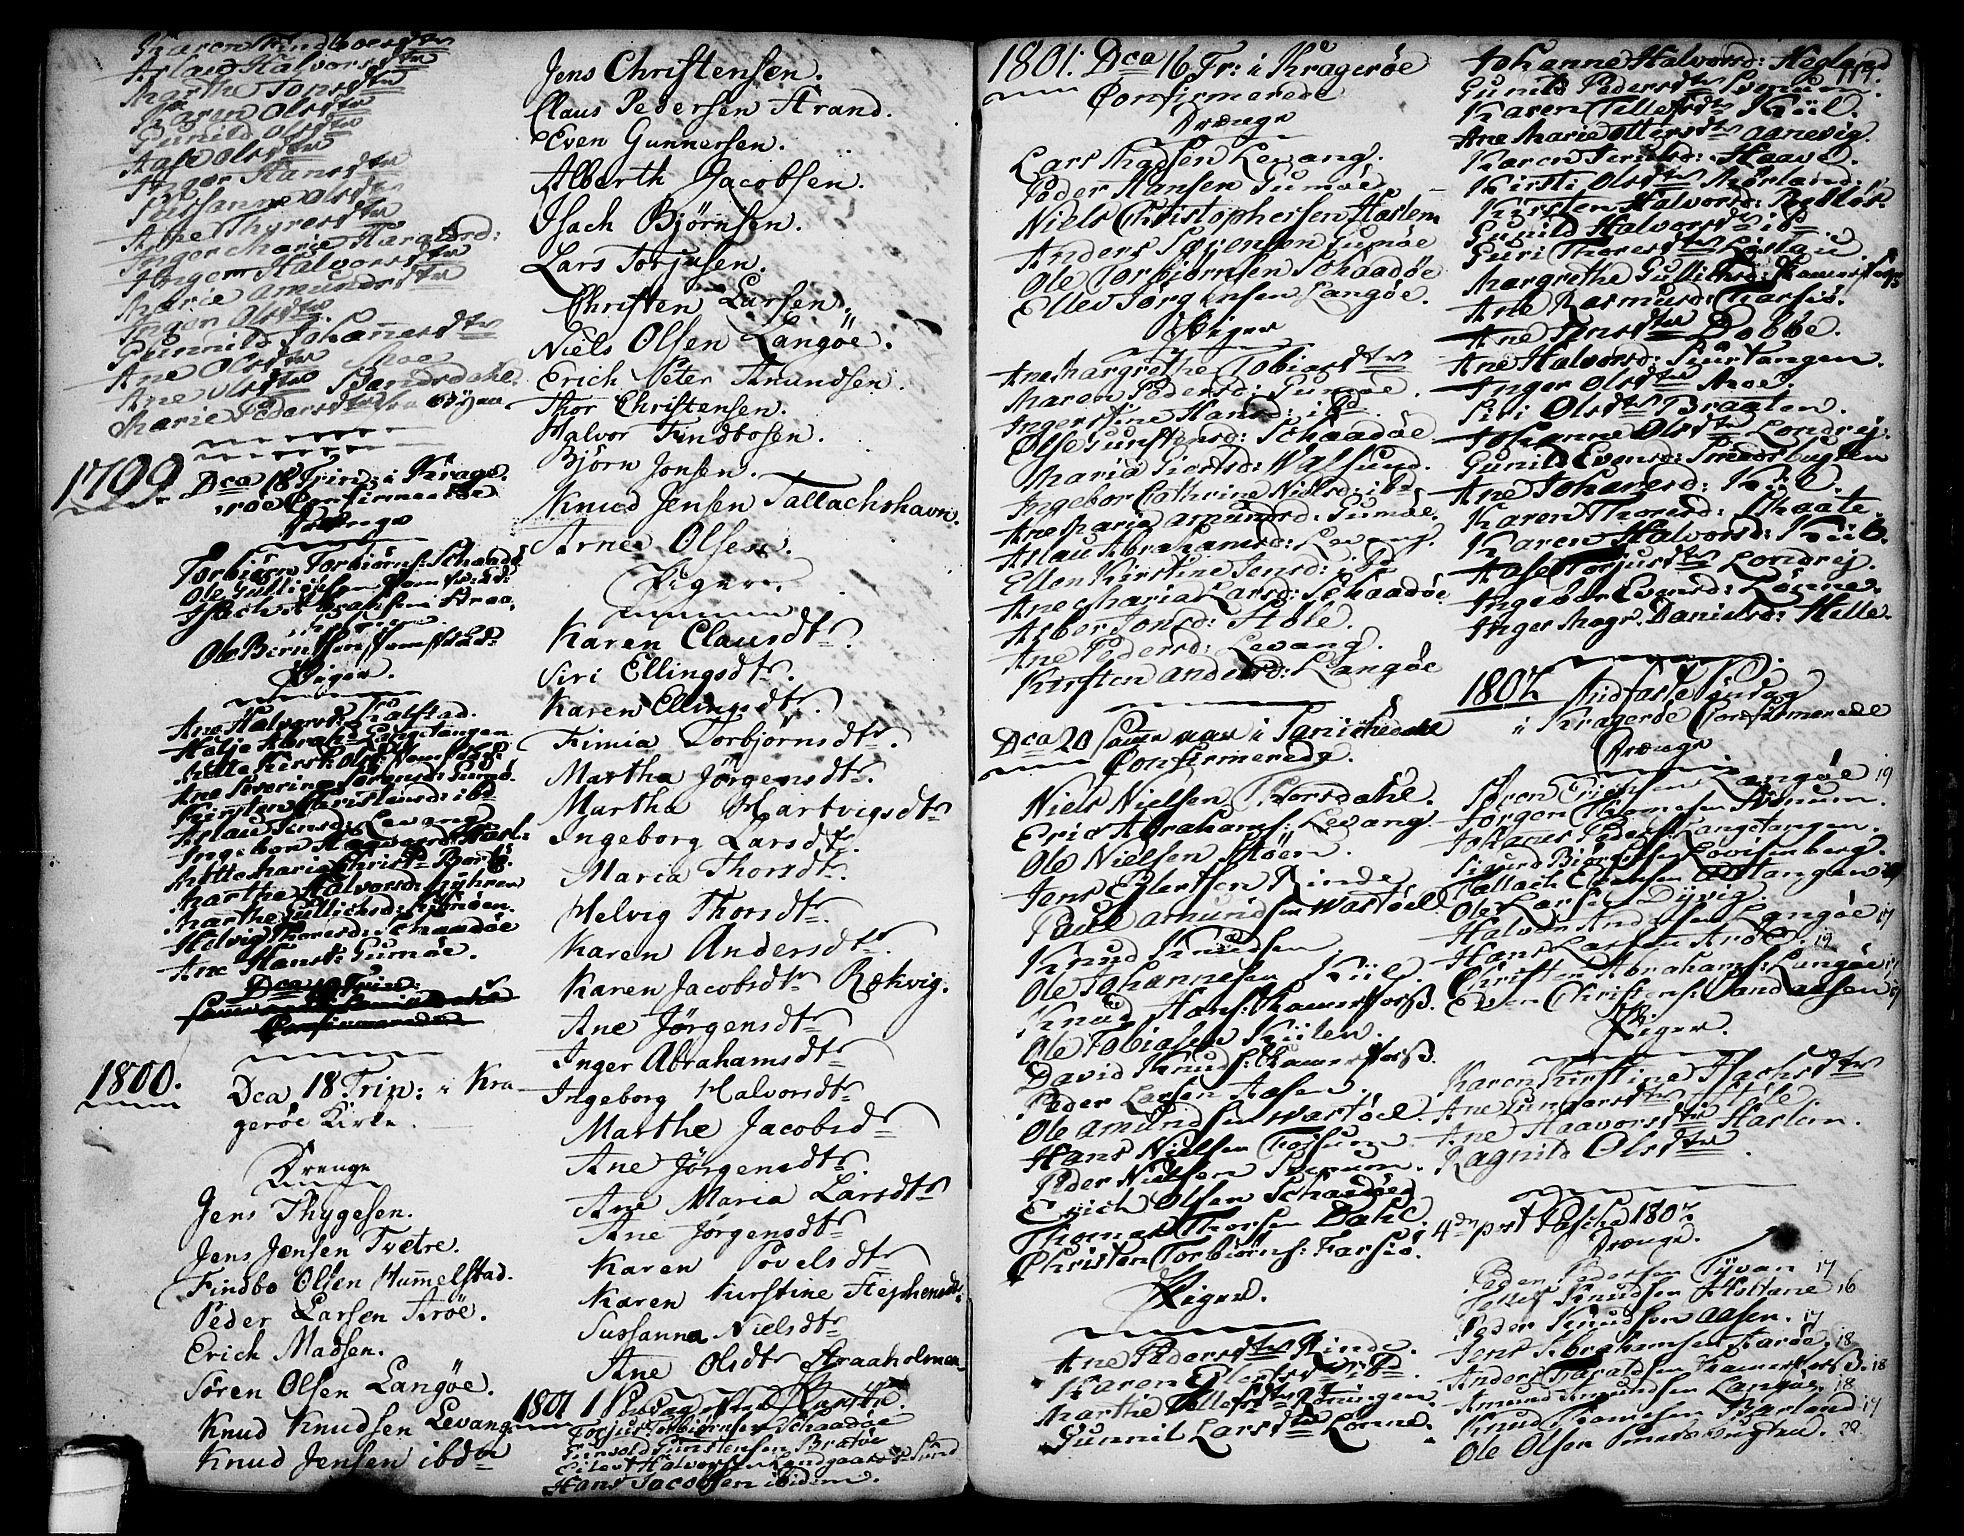 SAKO, Sannidal kirkebøker, F/Fa/L0002: Ministerialbok nr. 2, 1767-1802, s. 117